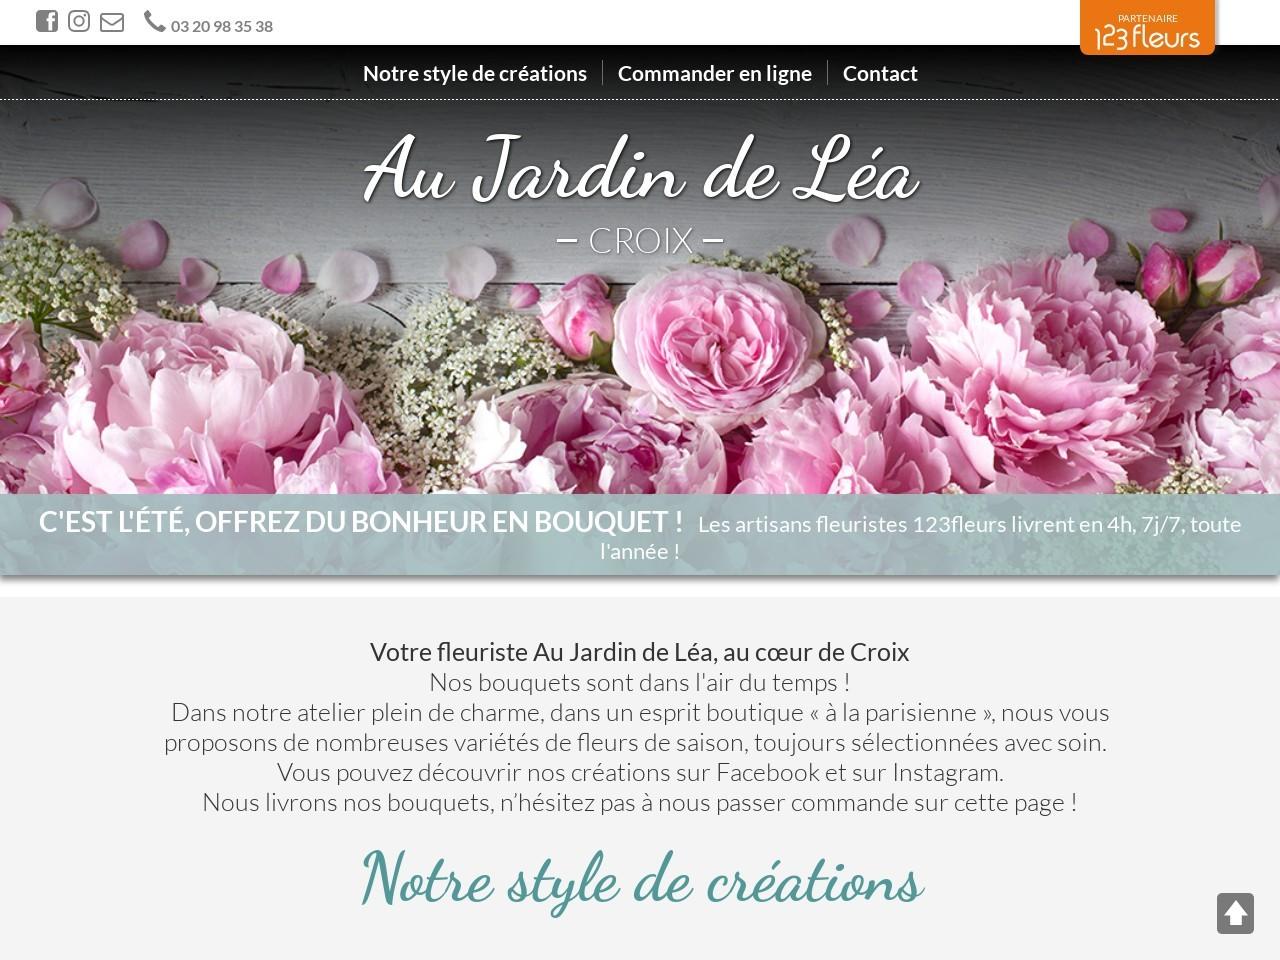 Site fleuriste Au Jardin de Léa - 123fleurs